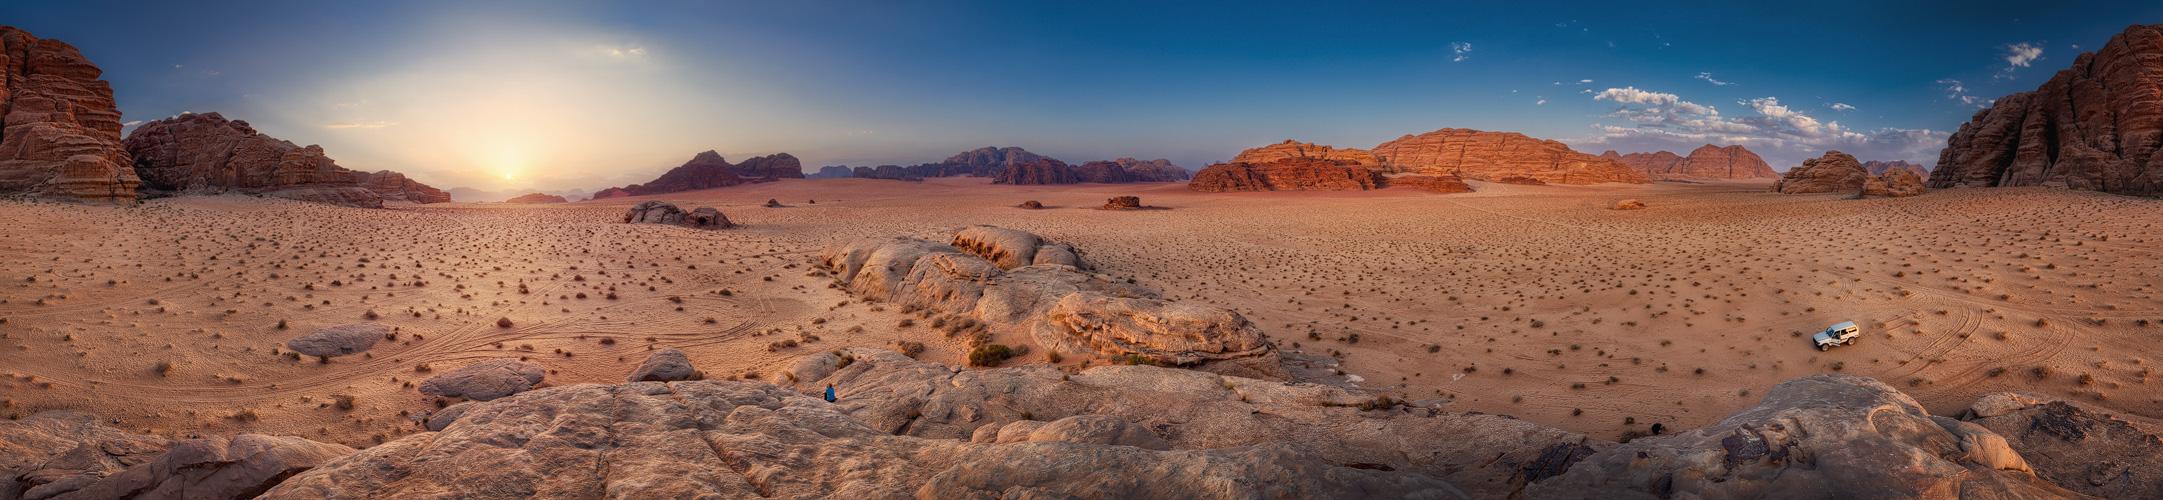 Wadi Rum . 2